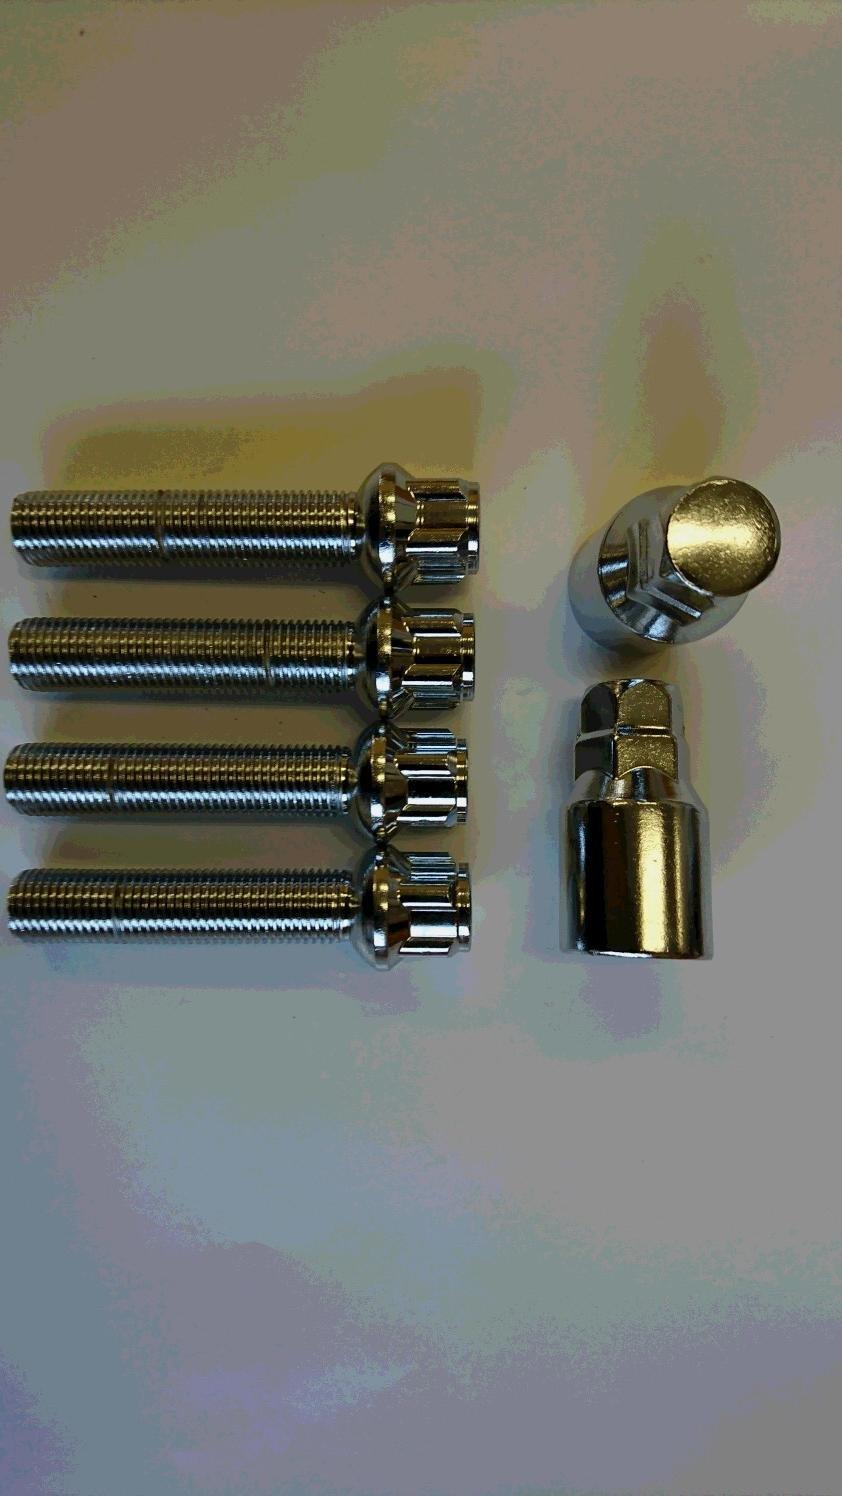 メッキロックボルト R13 14x1.5 首下25mm~60mm 1mm単位で選択可能 B076WXLKLZ